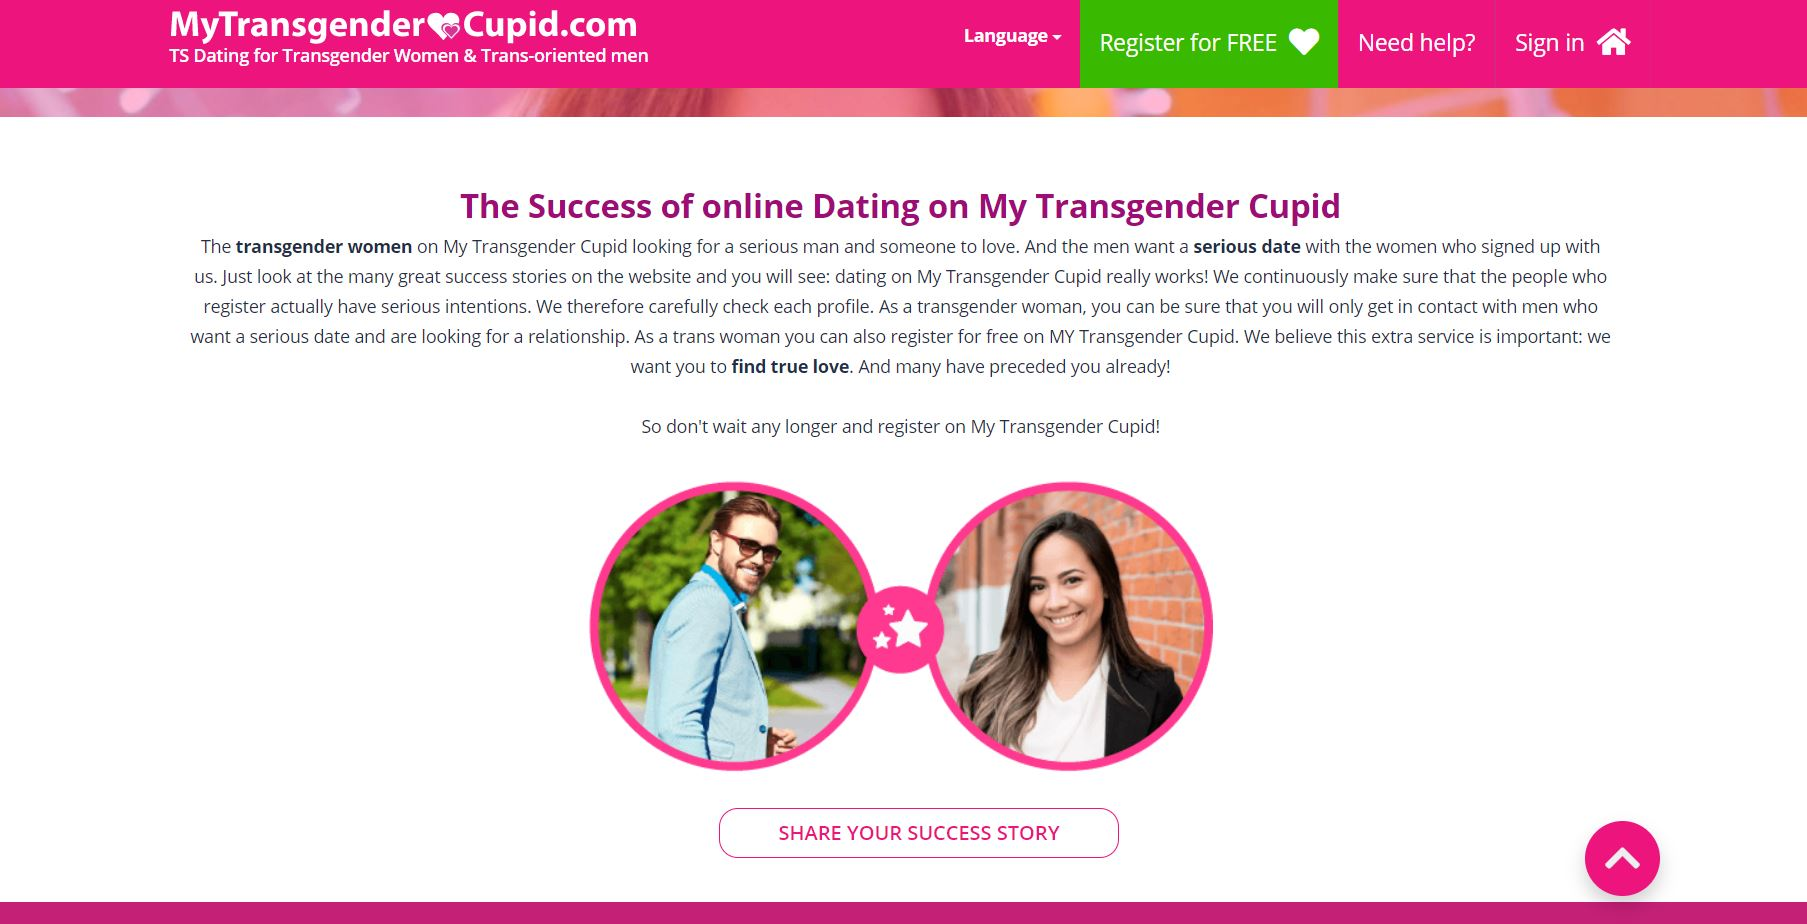 My Transgender Cupid Geschichte